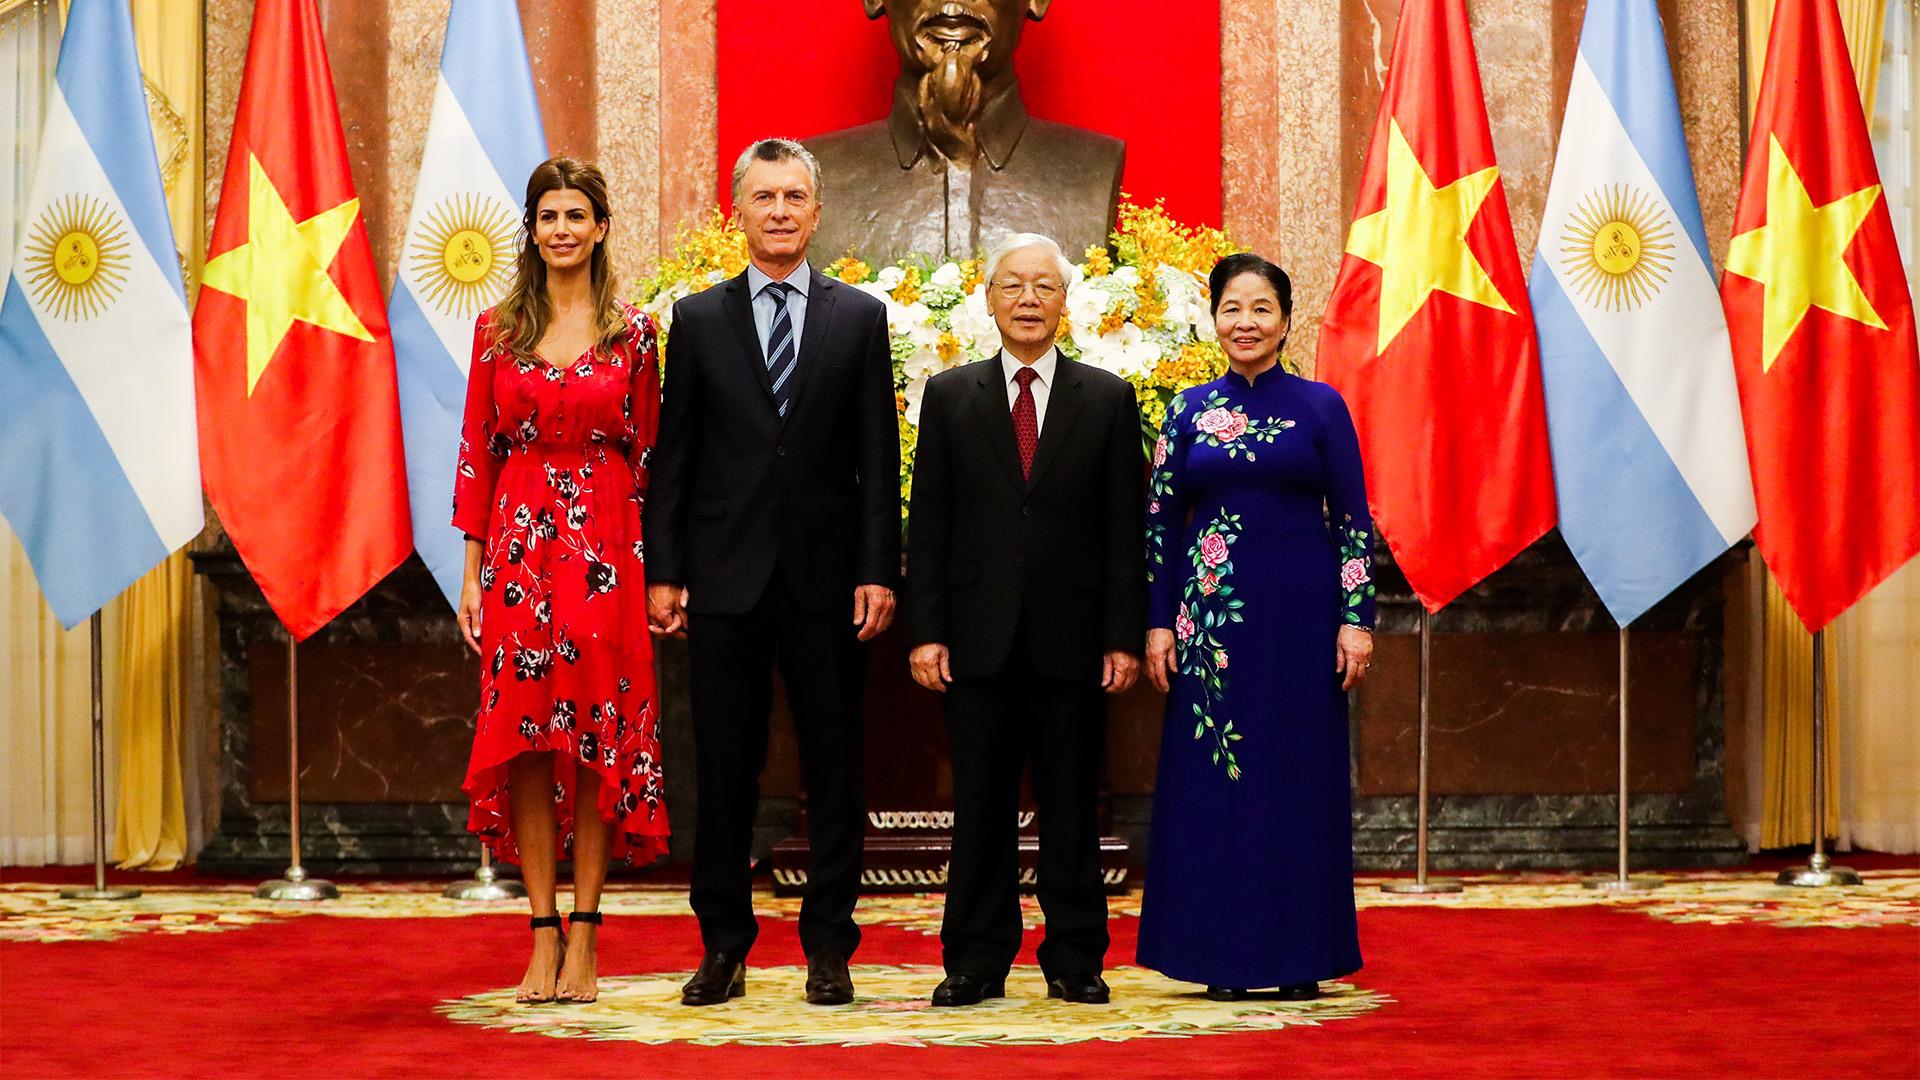 Con vestido rojo de corte irregular Awada y Macri visitaron el Palacio Presidencial (Télam)